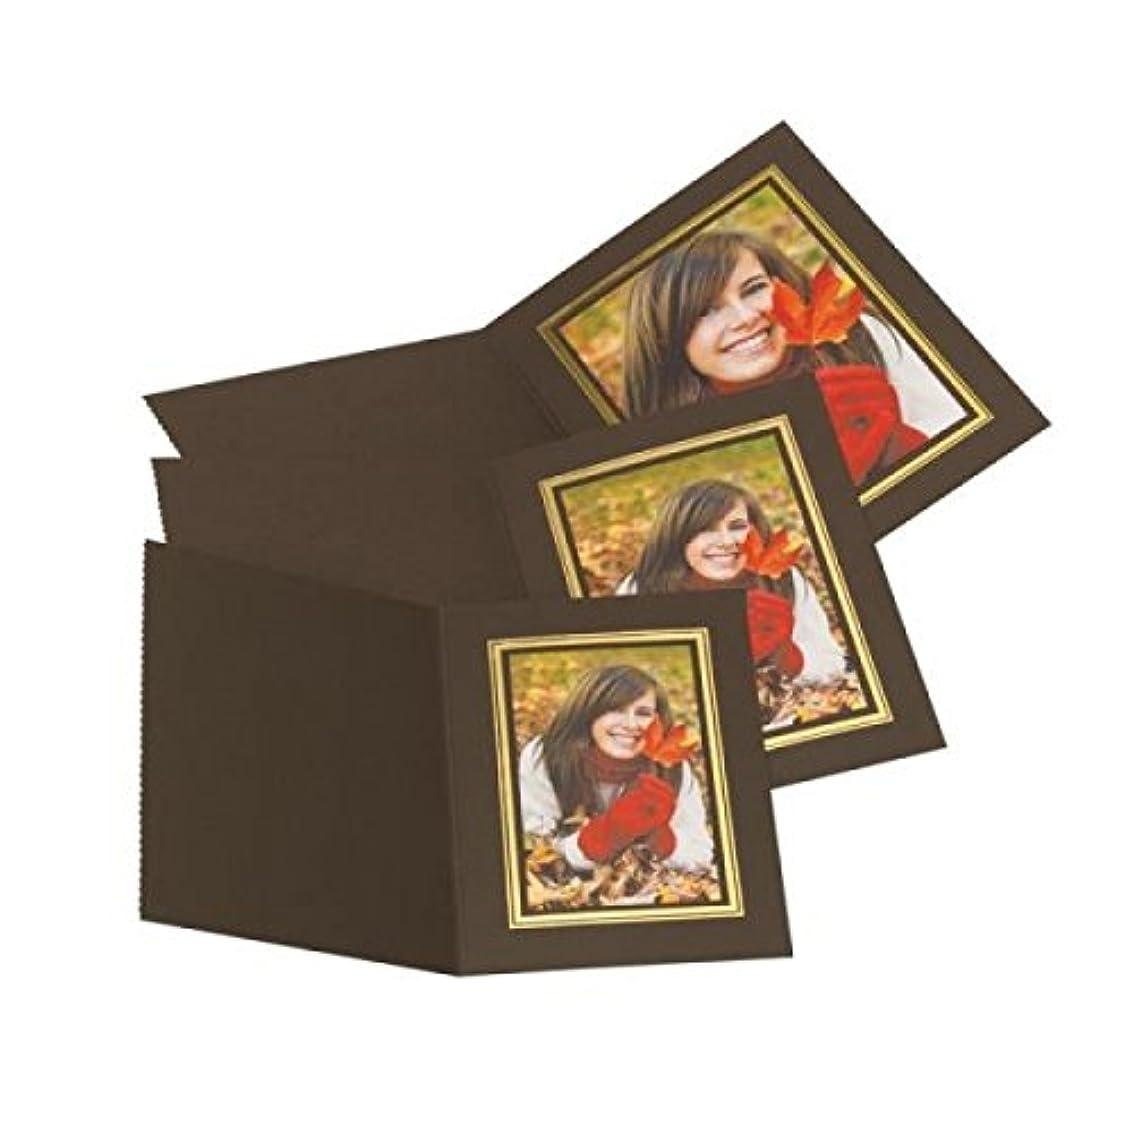 Kenro Slip In Photo Folder 8x12'' Upright Pack 10 Brown Gold [PMA058/10]